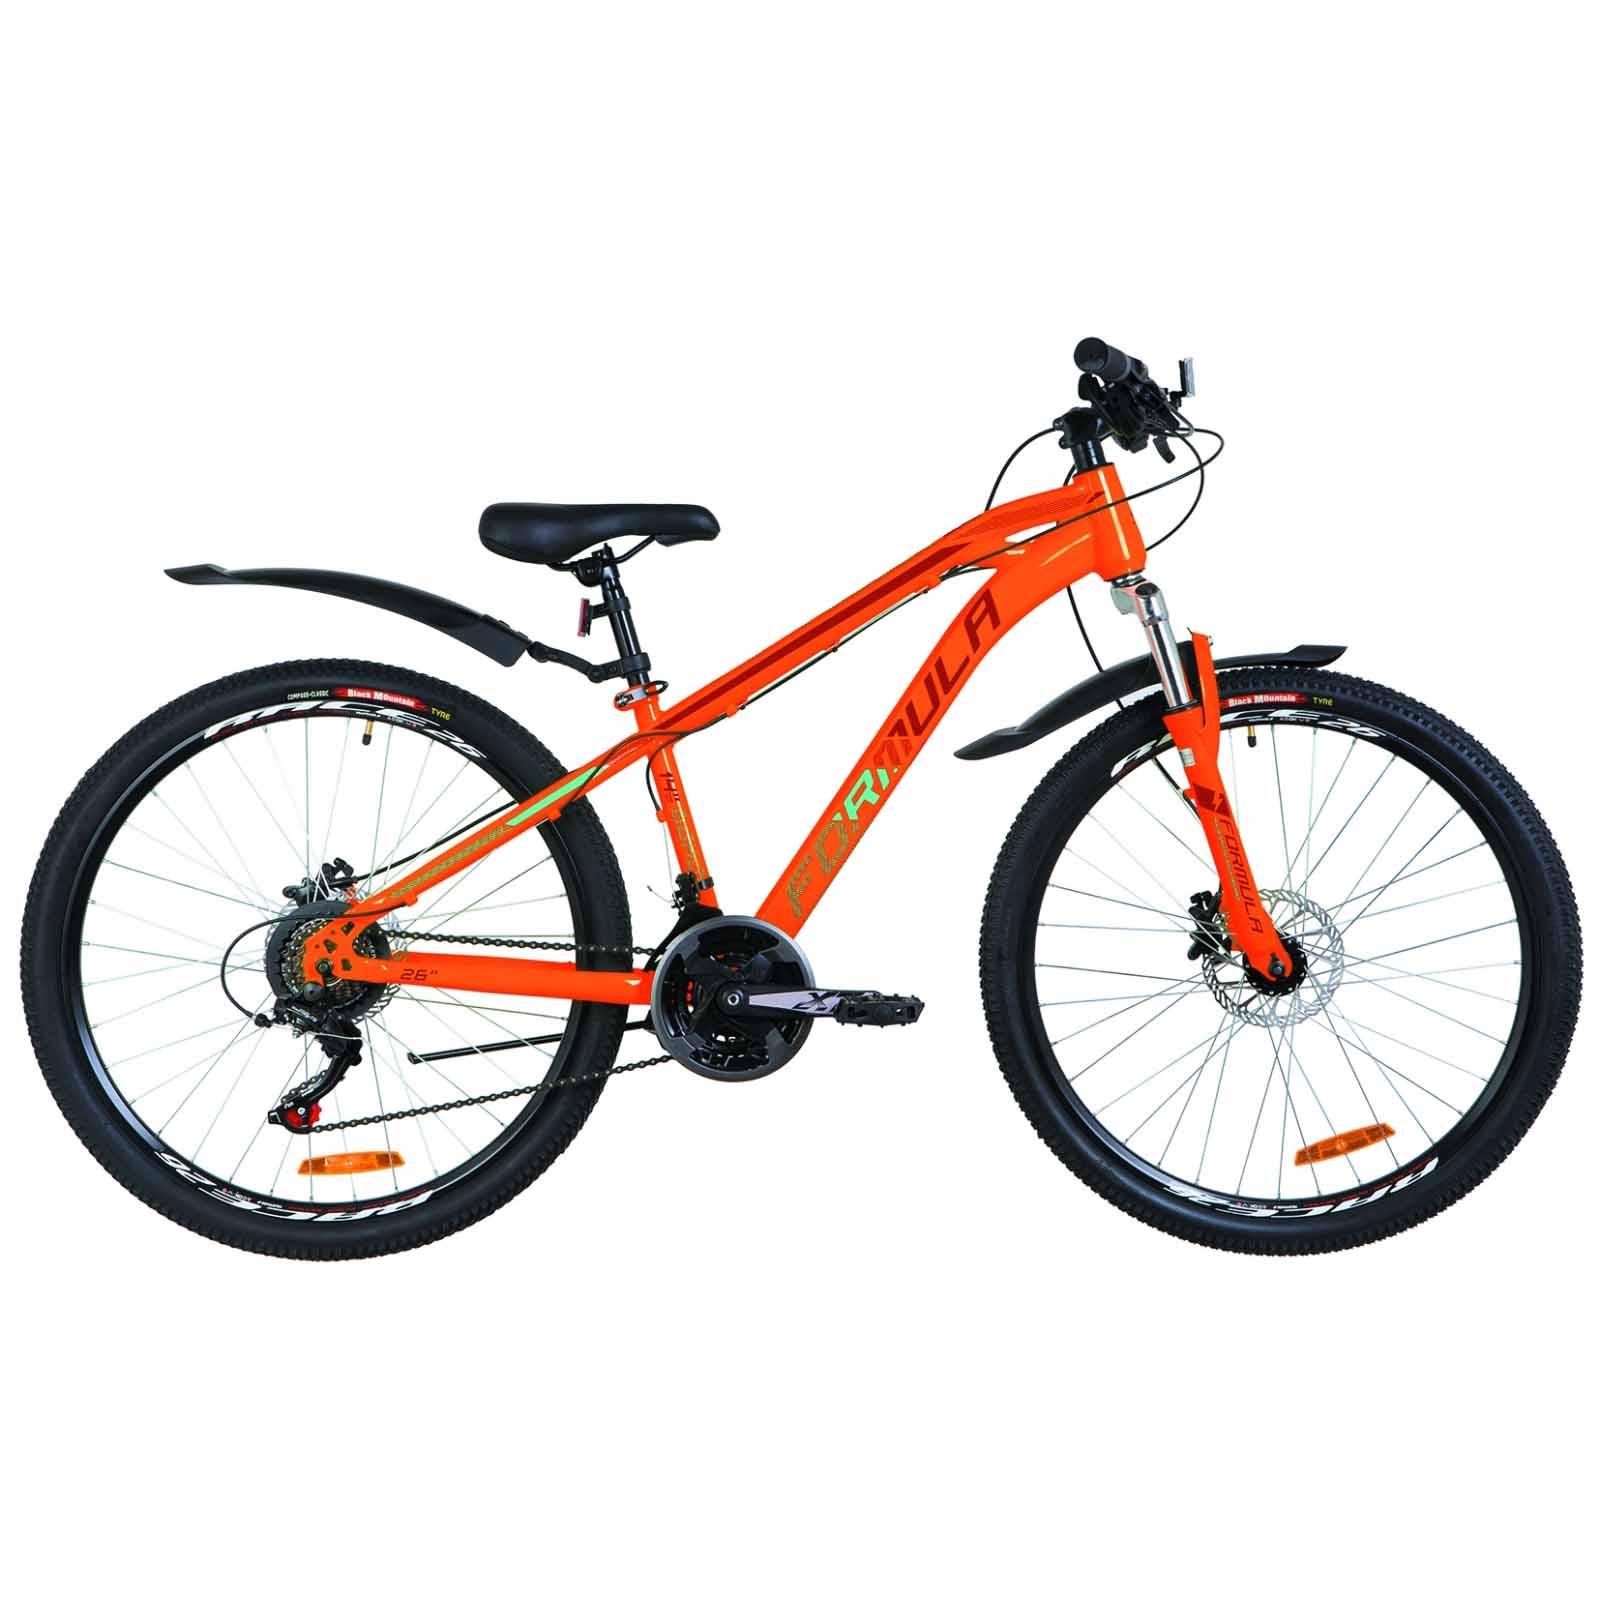 Фото Велосипед 26″ Formula DAKAR AM 14G  DD  рама-14″ St оранжево-бирюзовый  с крылом Pl 2019